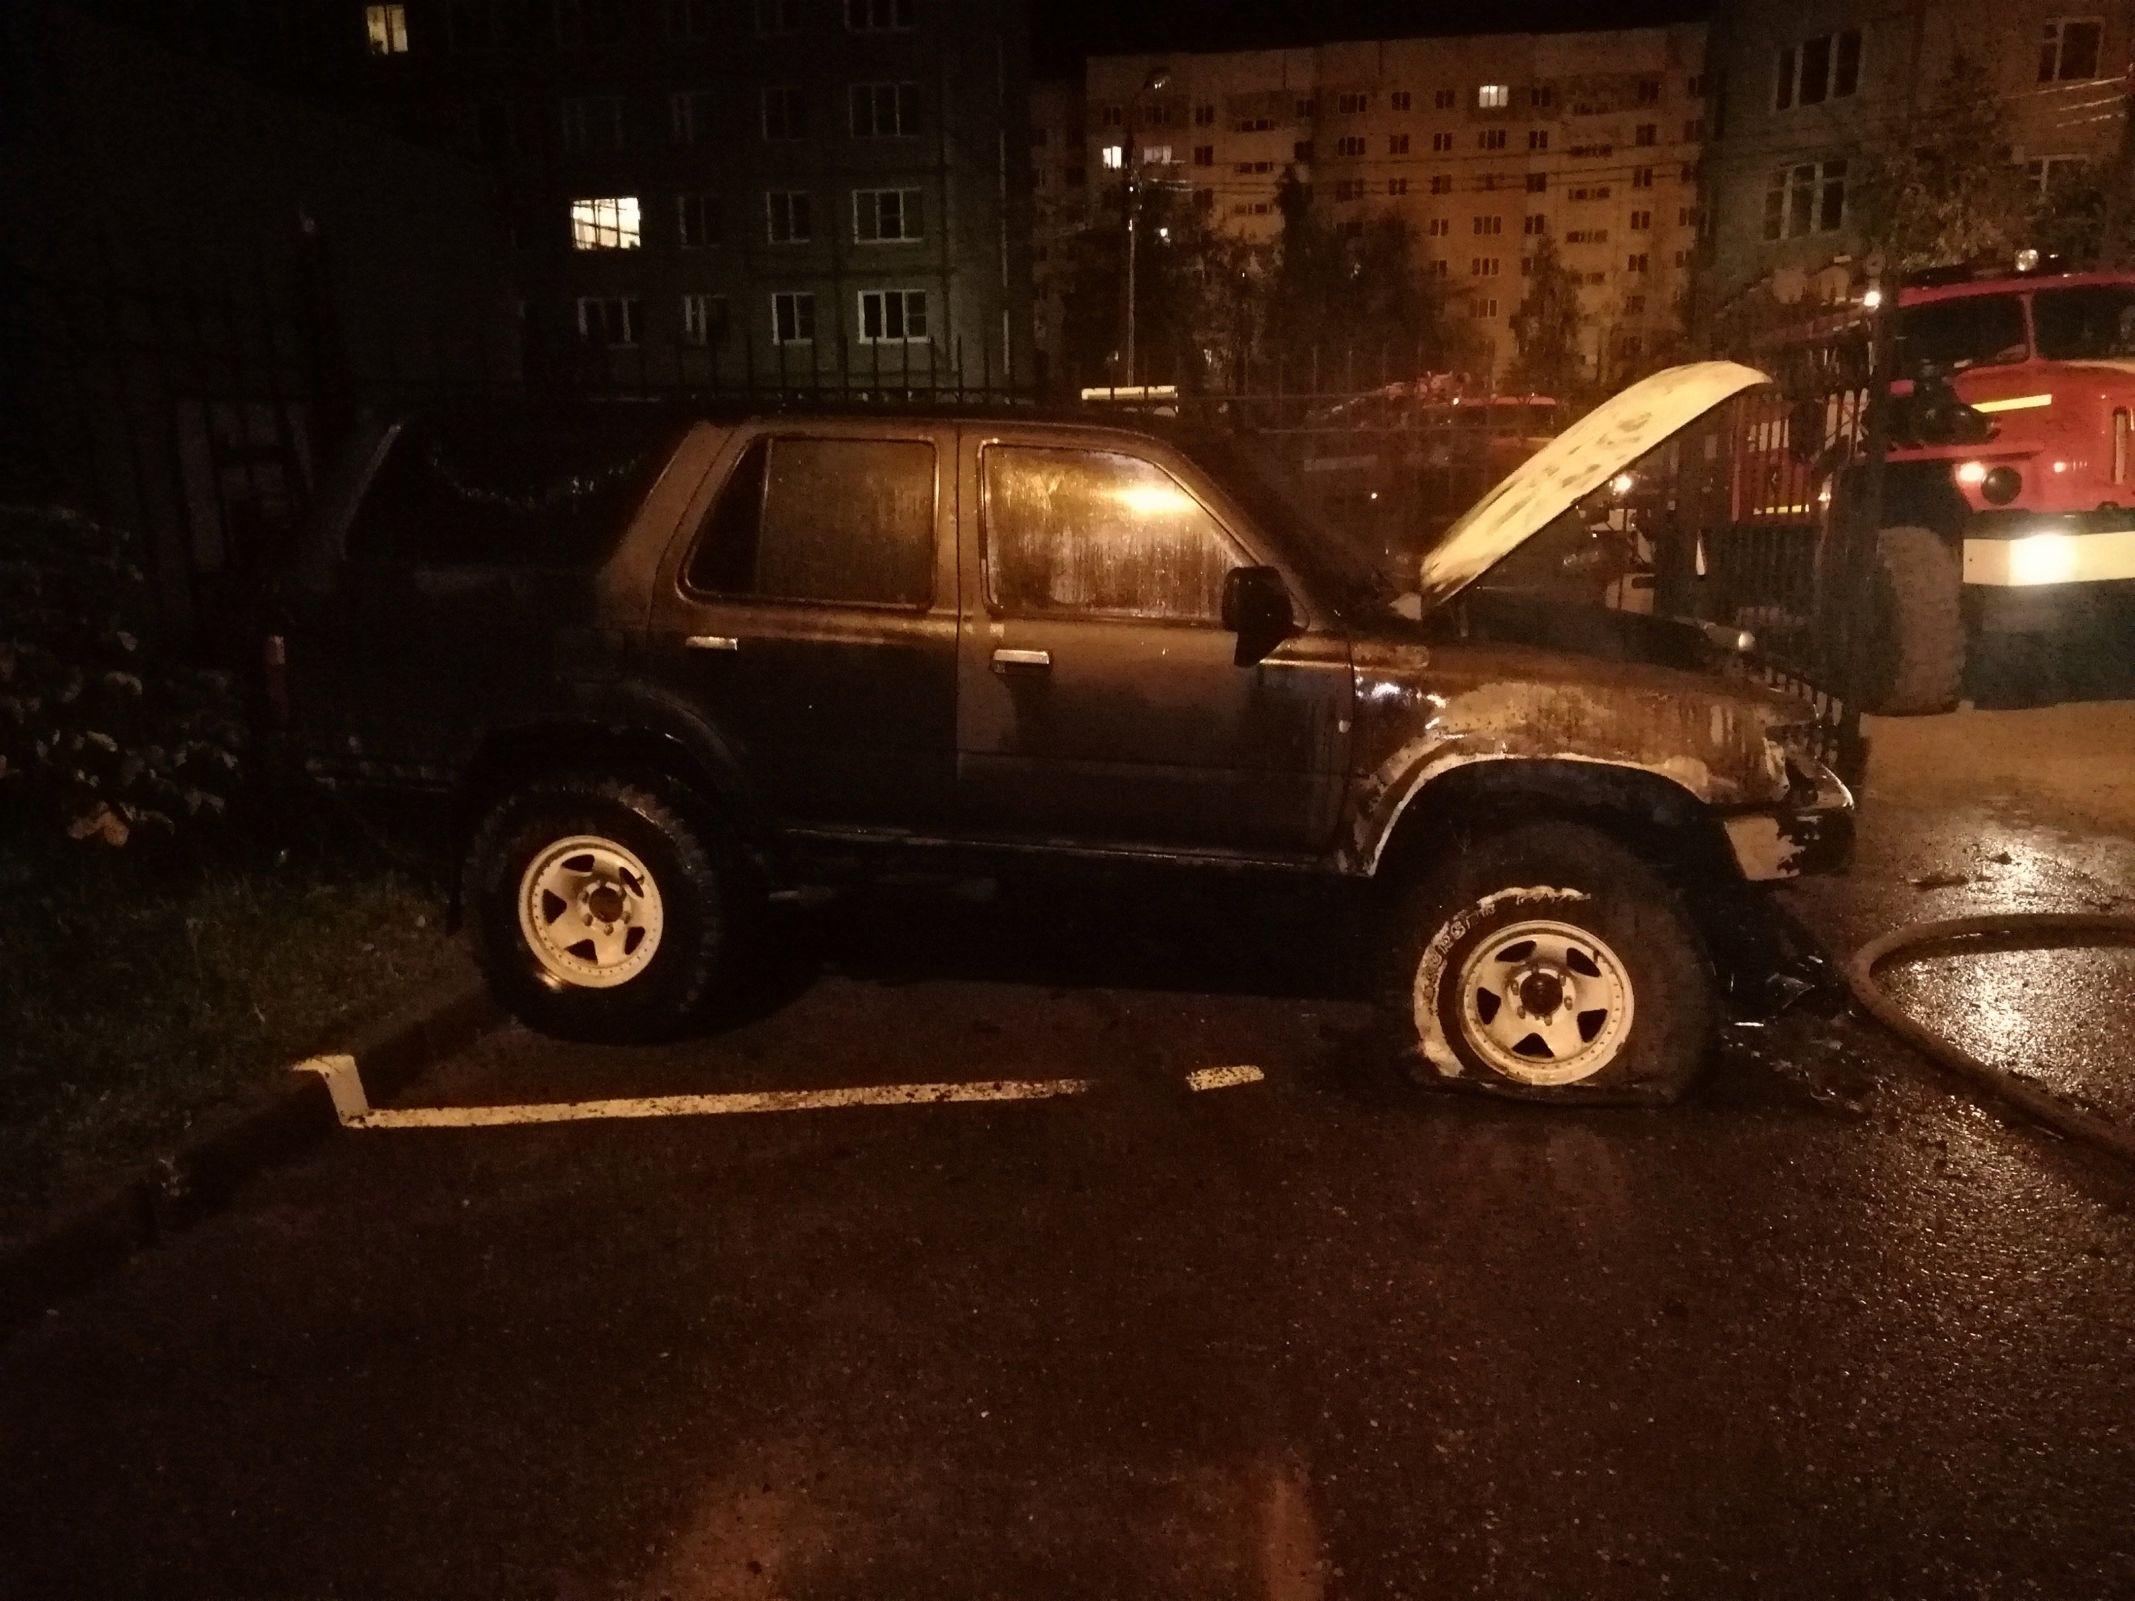 Сожгли из-за парковки? В Ярославле ночью полыхал внедорожник